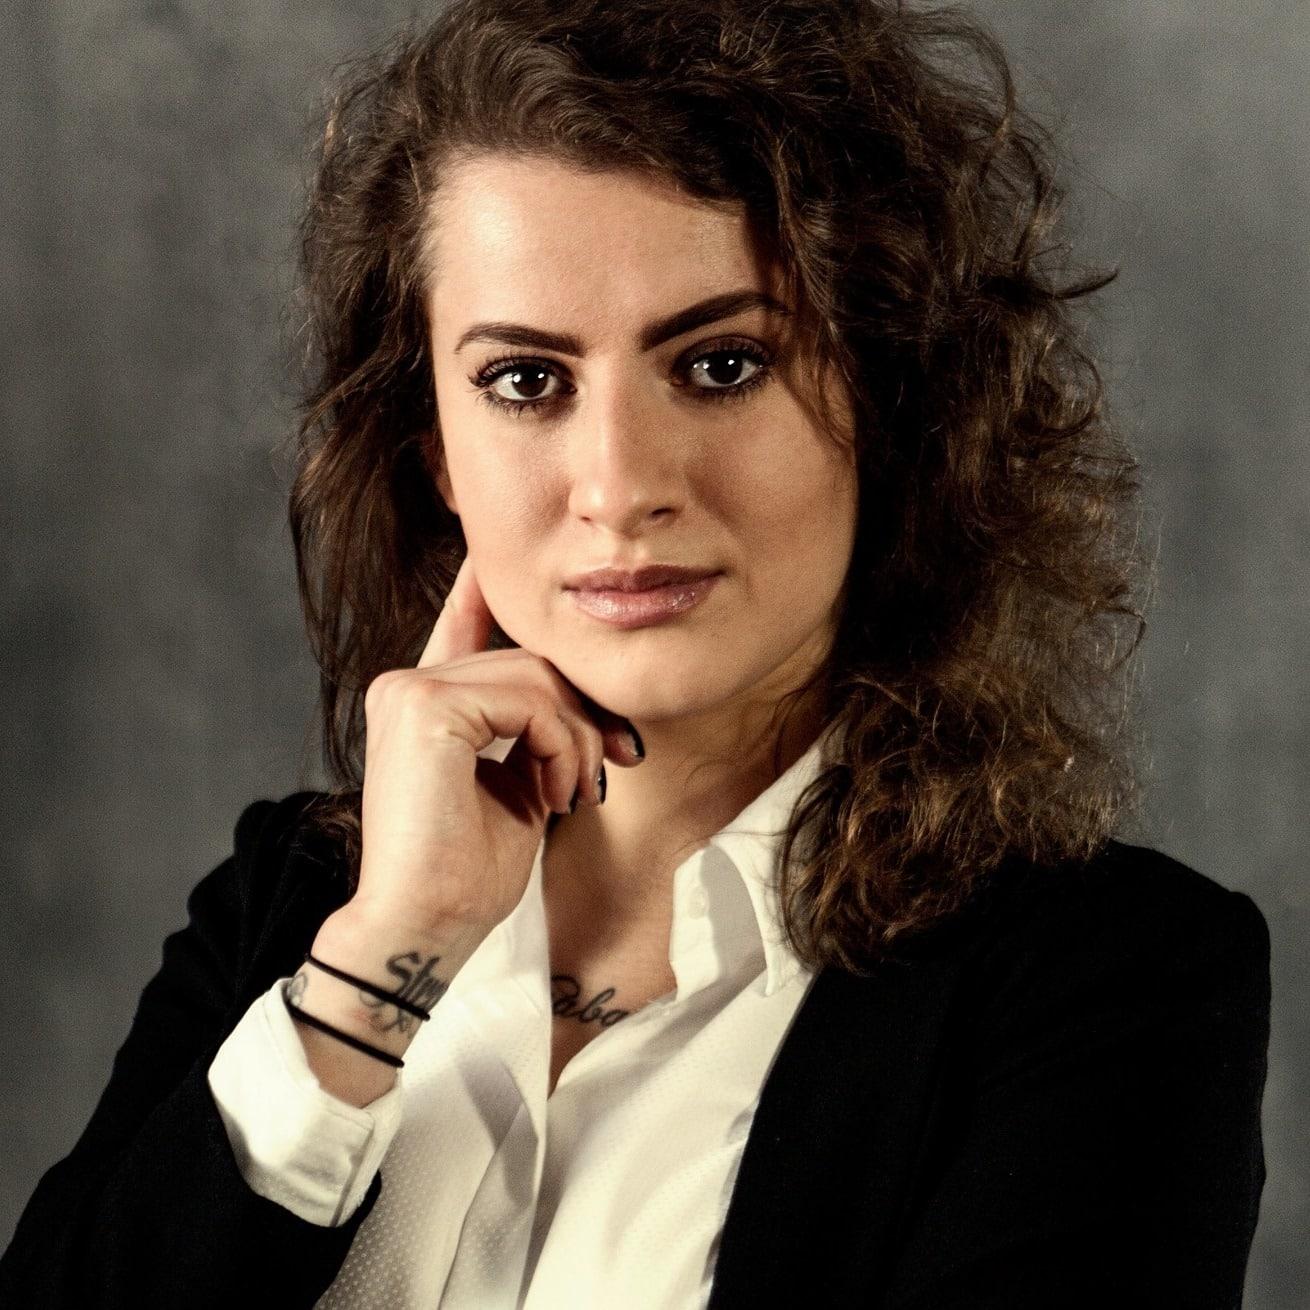 Julia Lachovska nurek